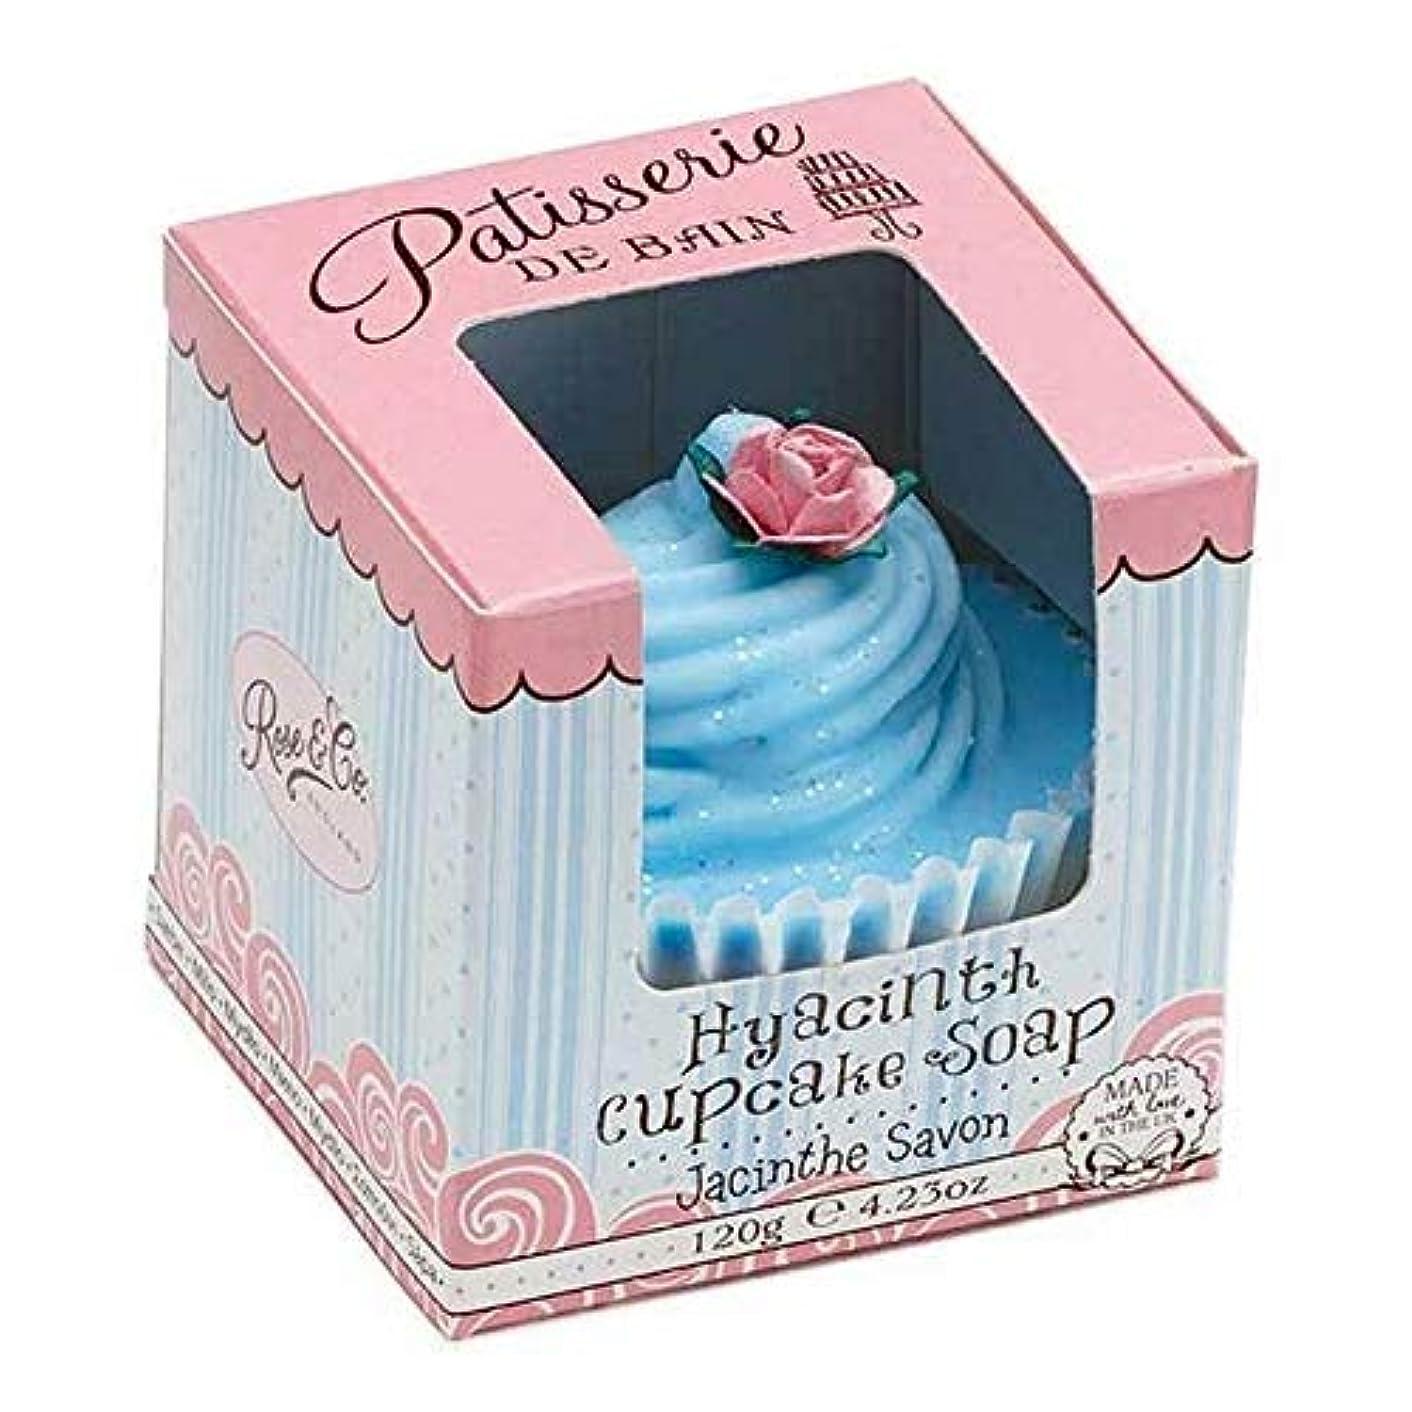 狂信者非互換ウェイター[Patisserie de Bain ] パティスリー?ド?ベインヒヤシンスカップケーキソープ120グラム - Patisserie de Bain Hyacinth Cupcake Soap 120g [並行輸入品]